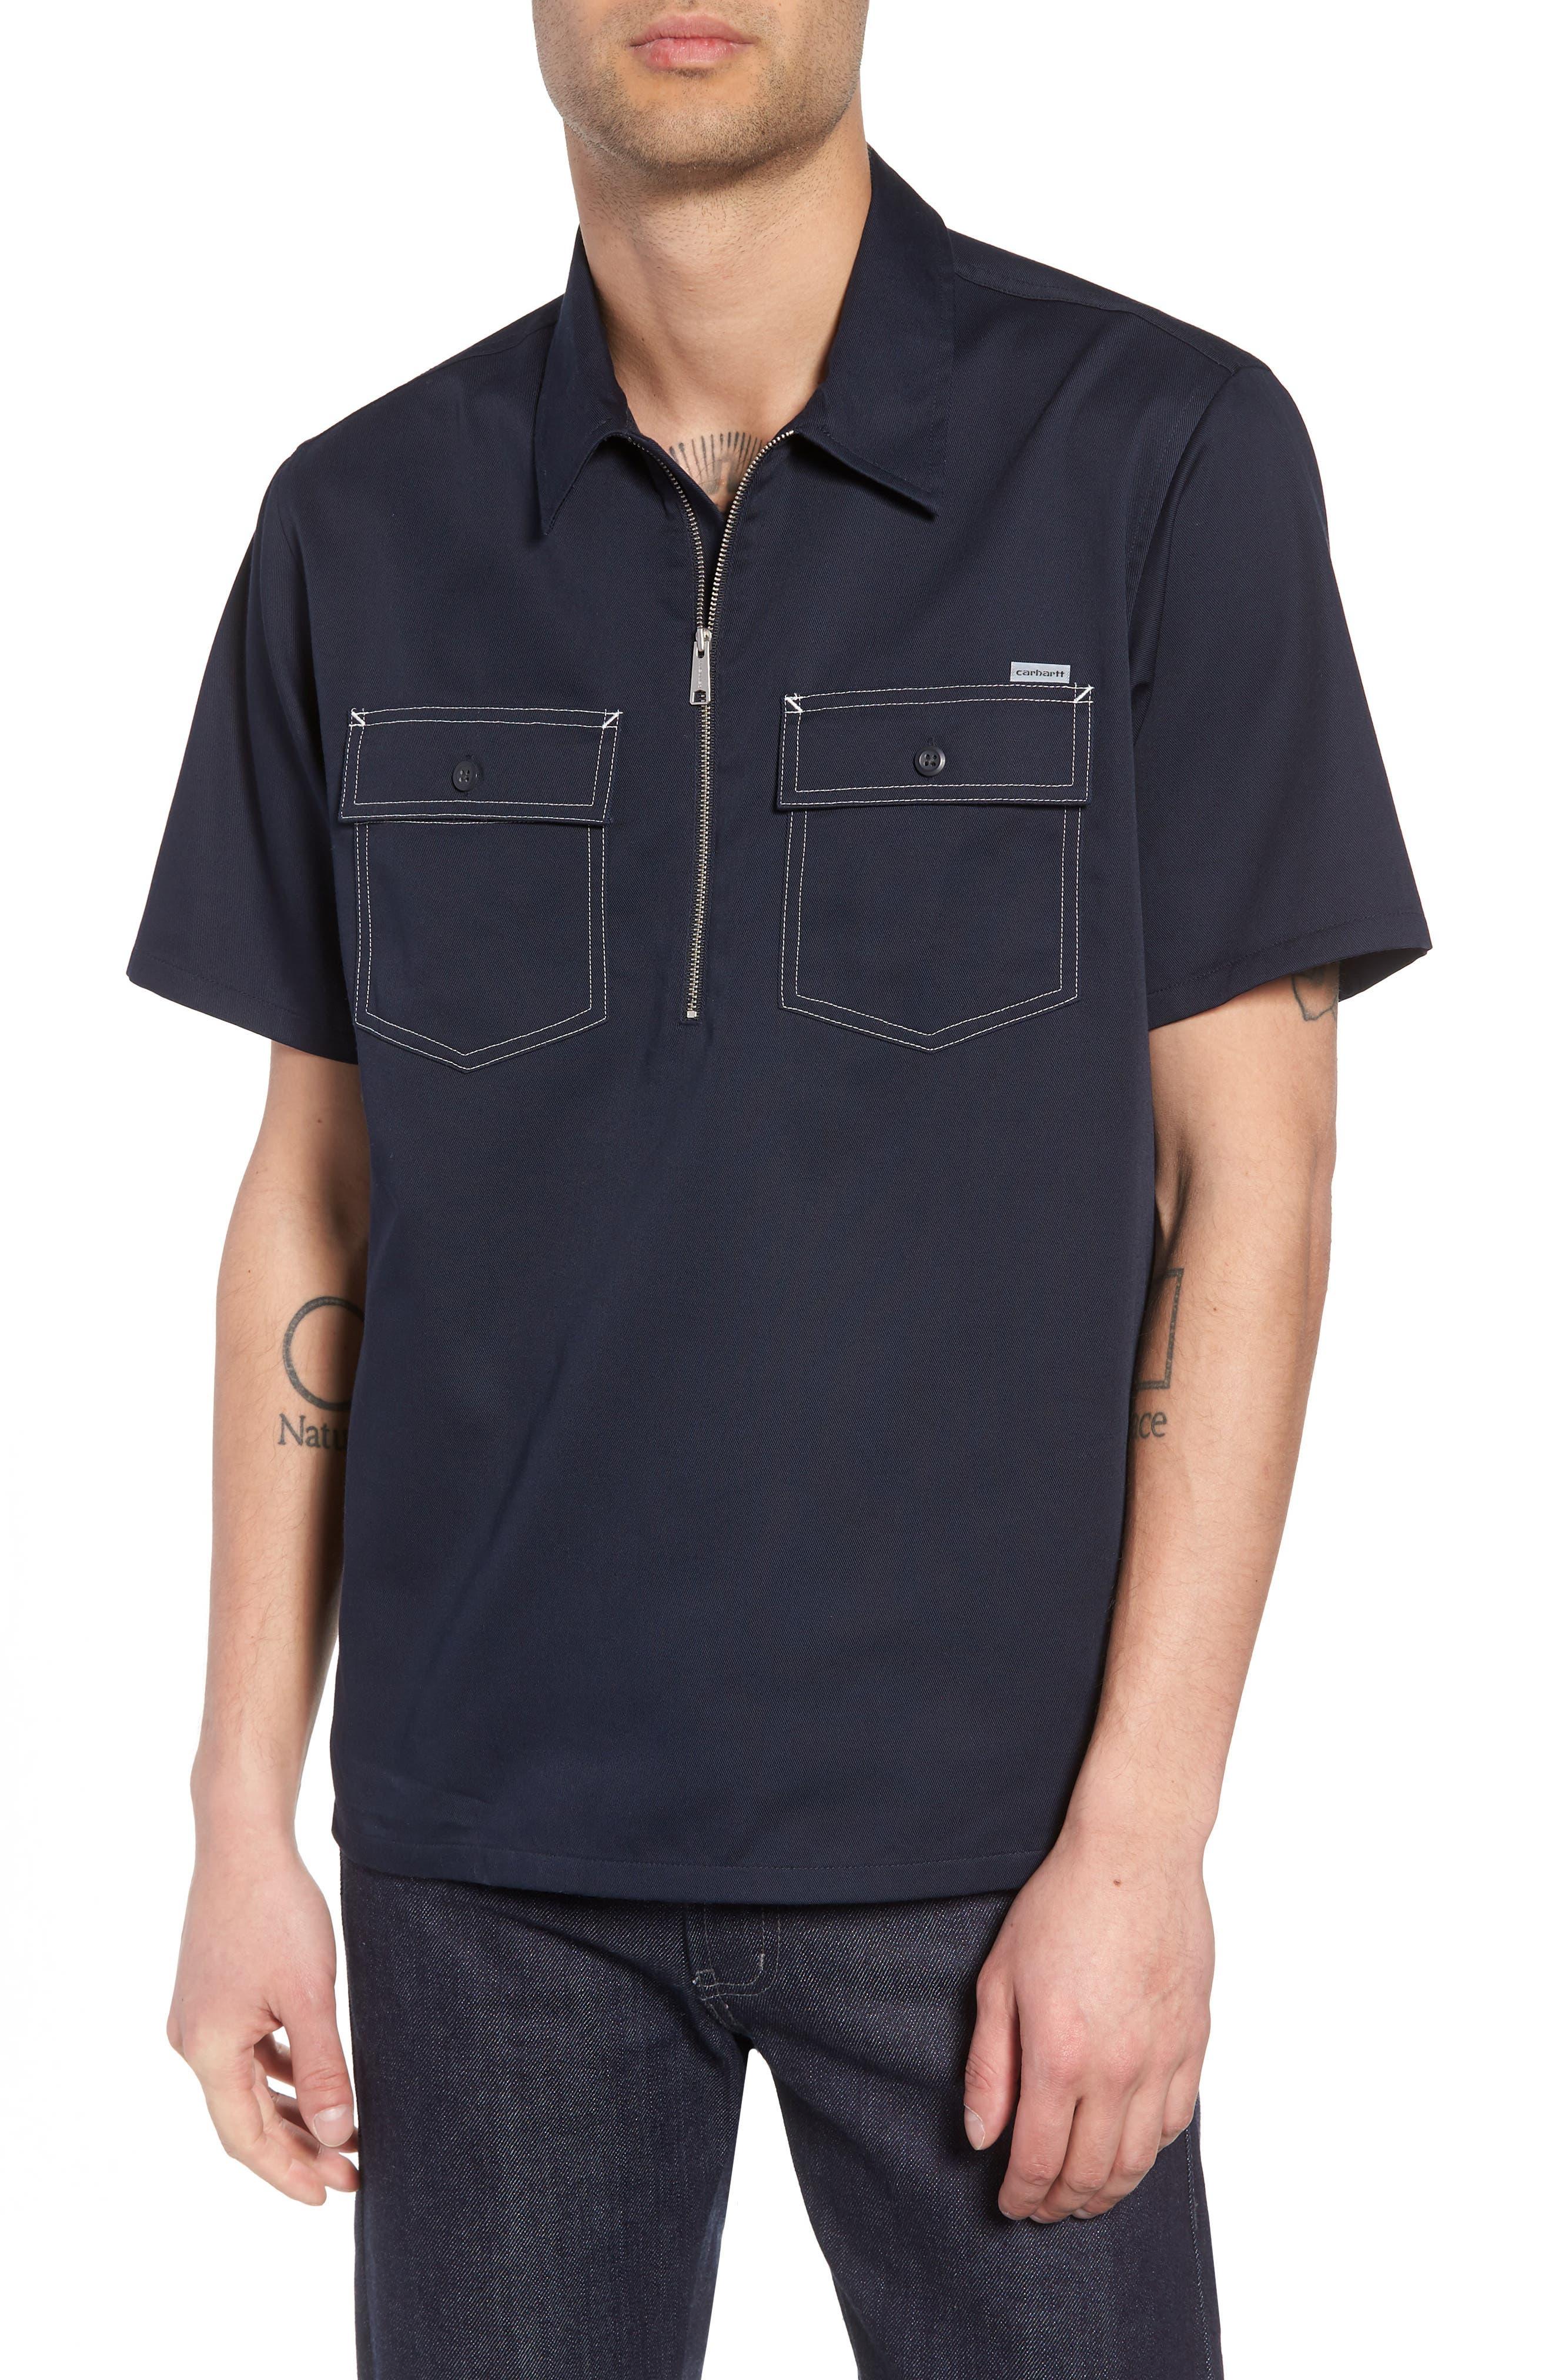 Medford Woven Shirt,                             Main thumbnail 1, color,                             Dark Navy